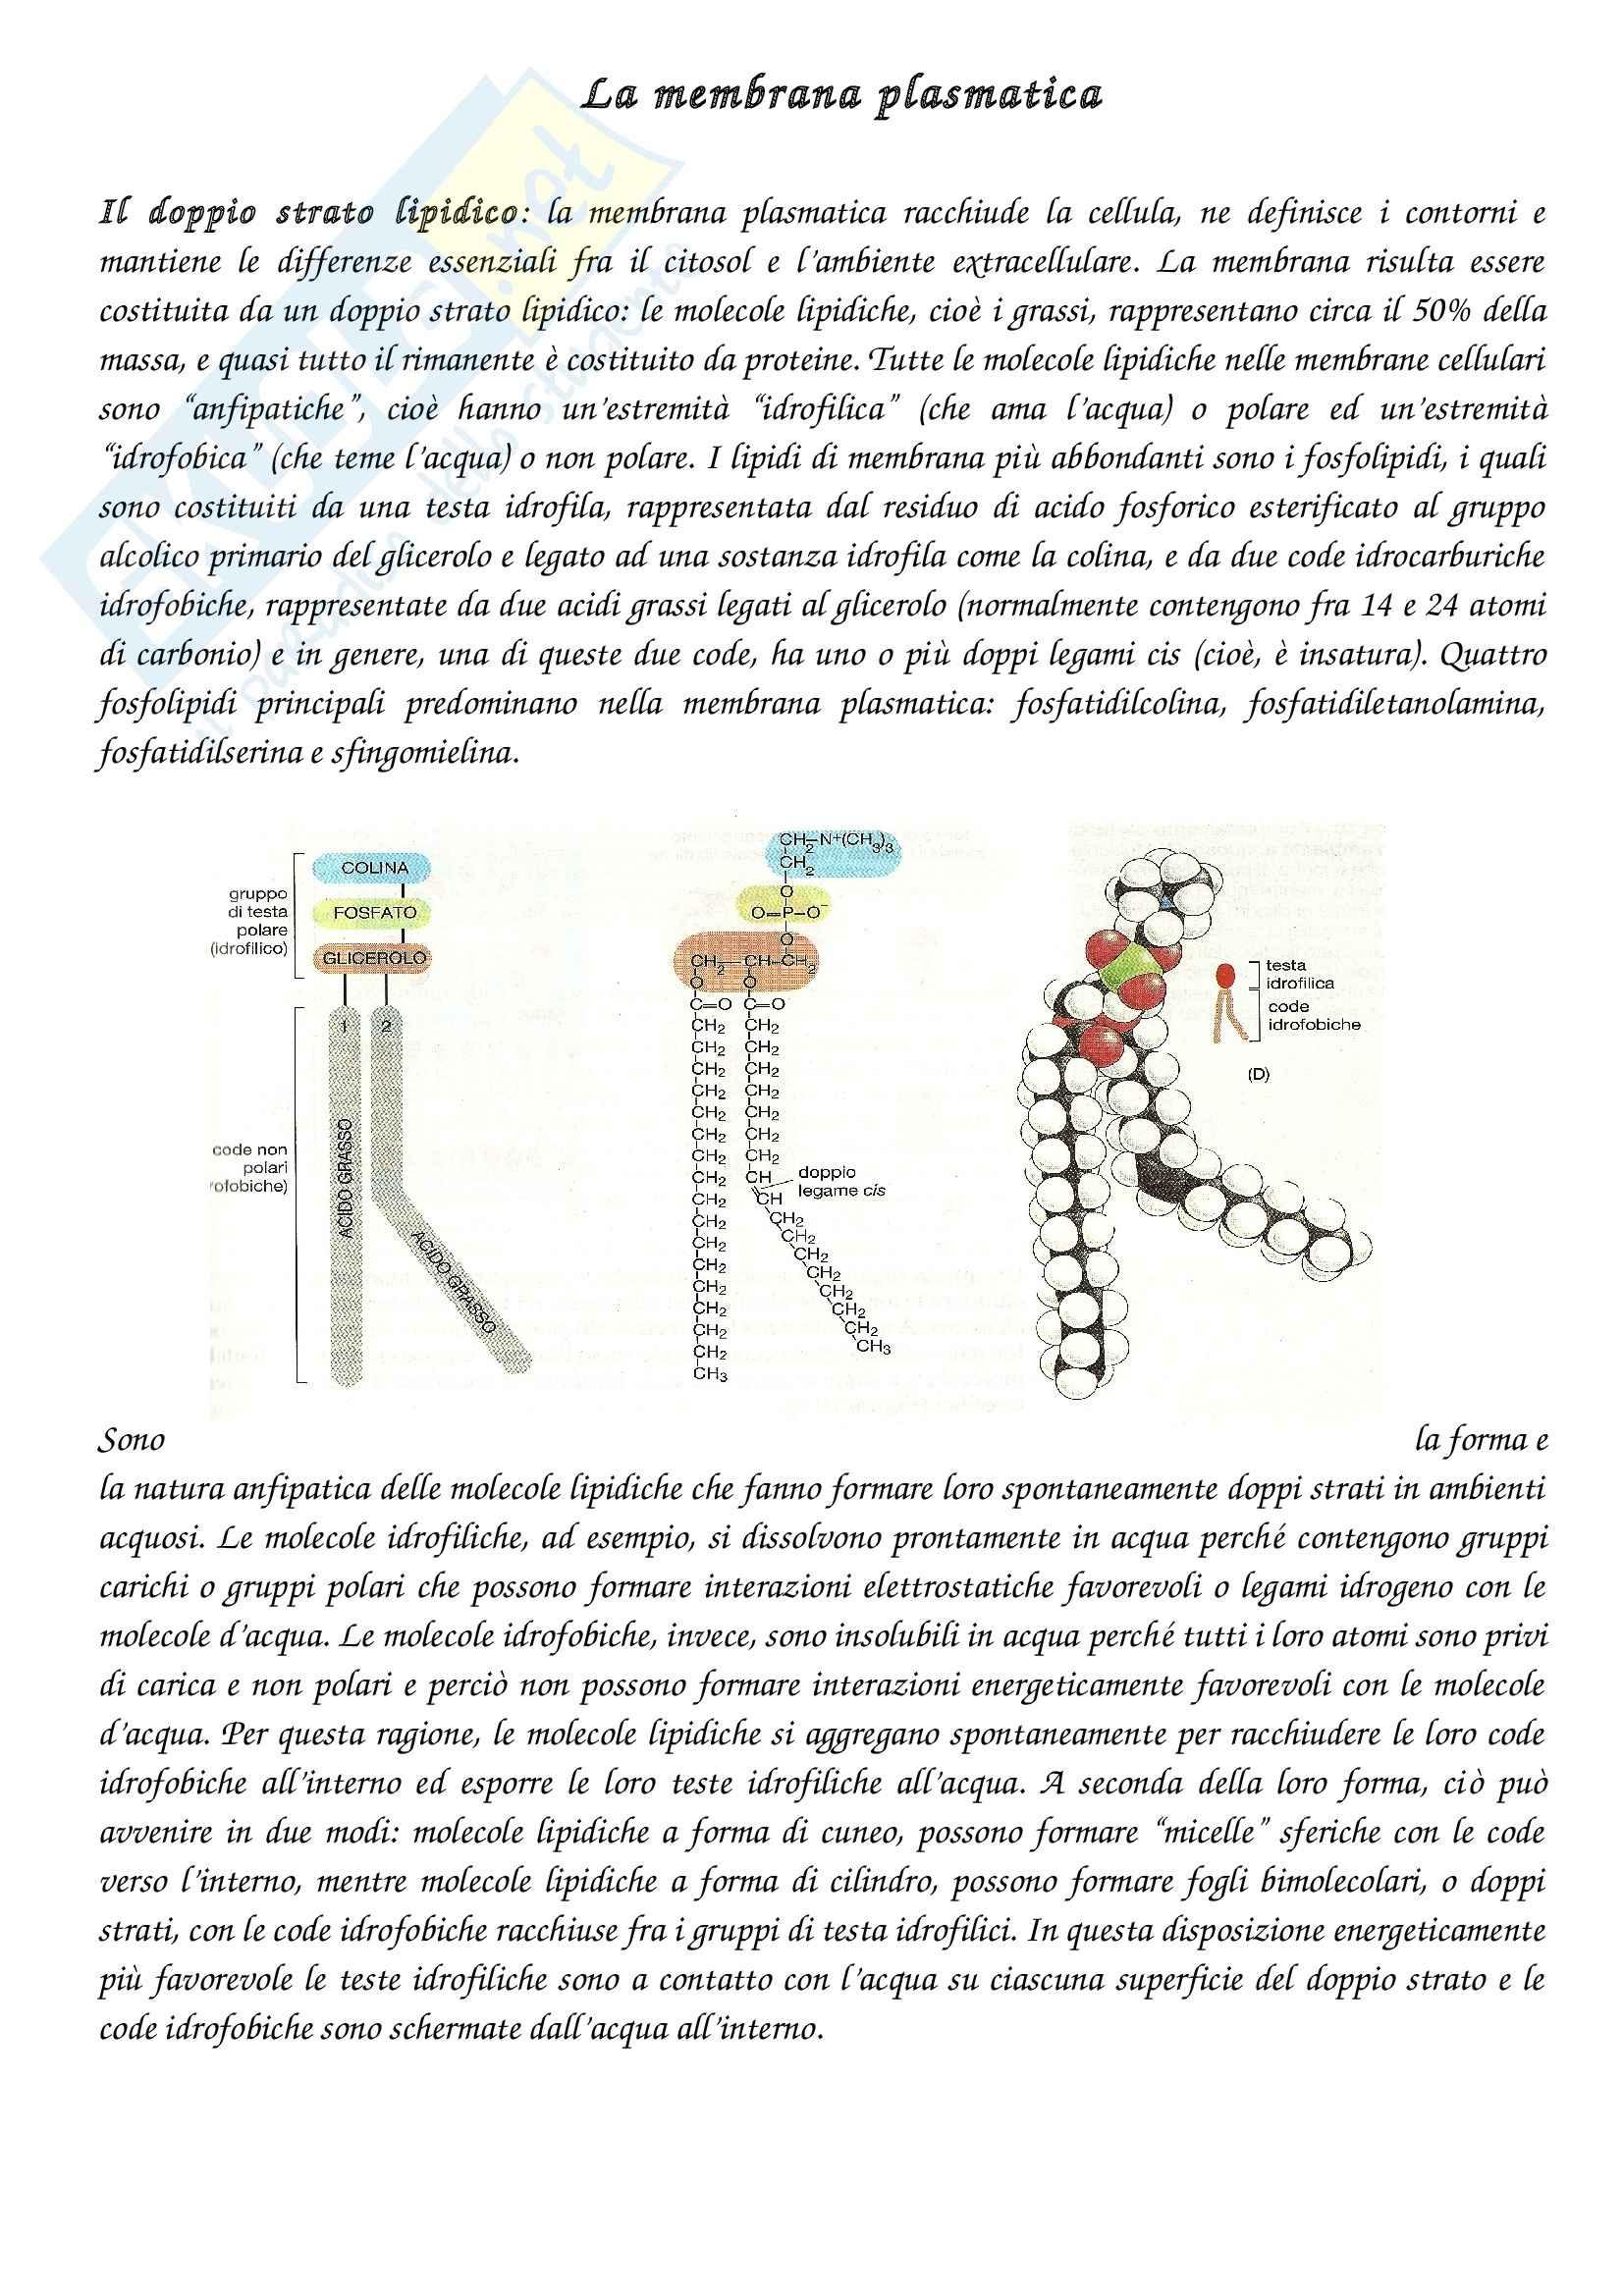 Riassunto esame Biologia cellulare, prof. Ambrosino, libro consigliato Biologia molecolare della cellula,Alberts, Johnson, Lewis